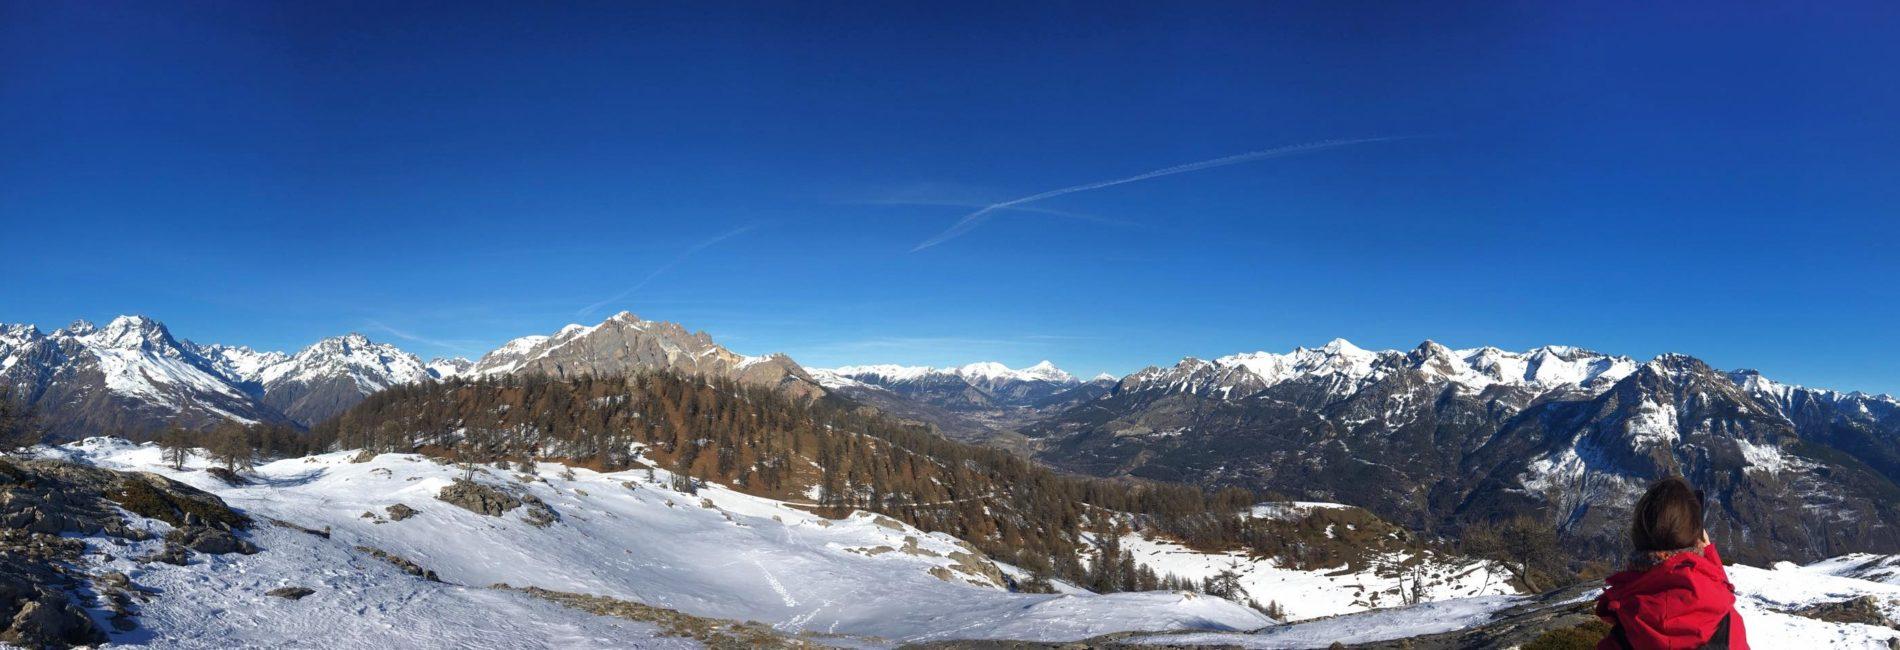 Ma première randonnée en raquettes au sein des alpes françaises